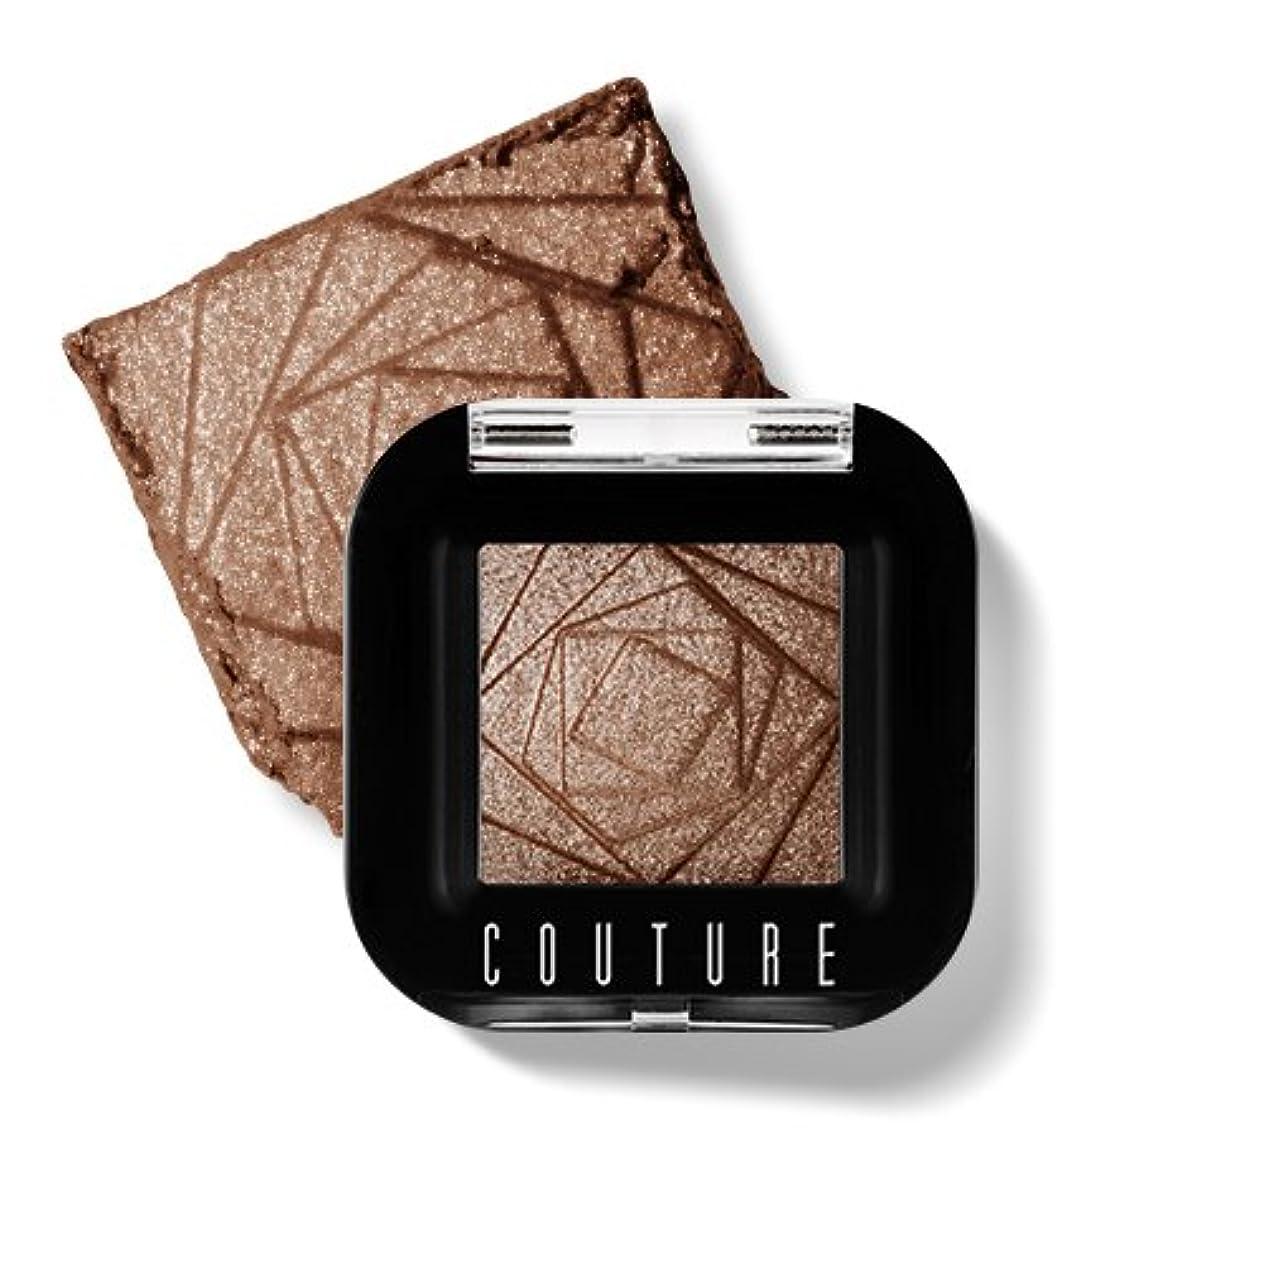 サイトライン百万余暇APIEU Couture Shadow (# 10) /アピュ/オピュ クチュールシャドウ [並行輸入品]